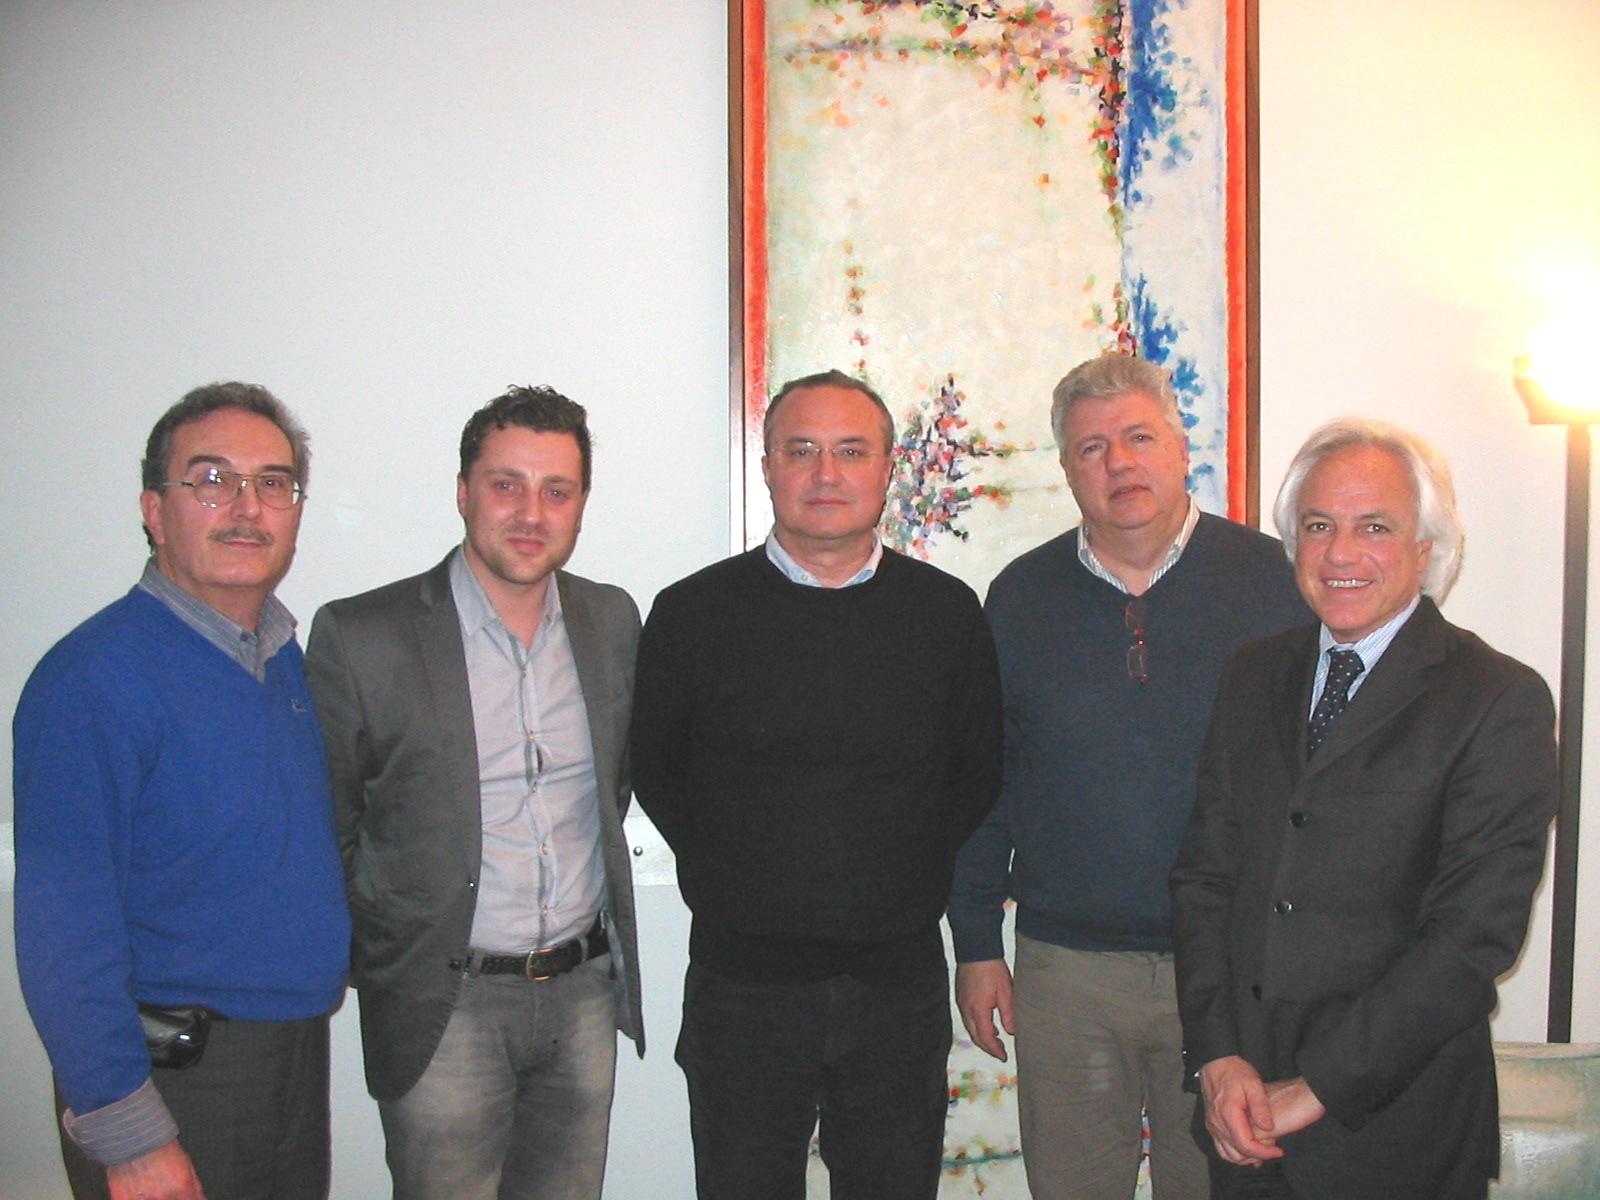 Da sinistra Pompili, Avitabile, Calabresi, Cutini, Fiori